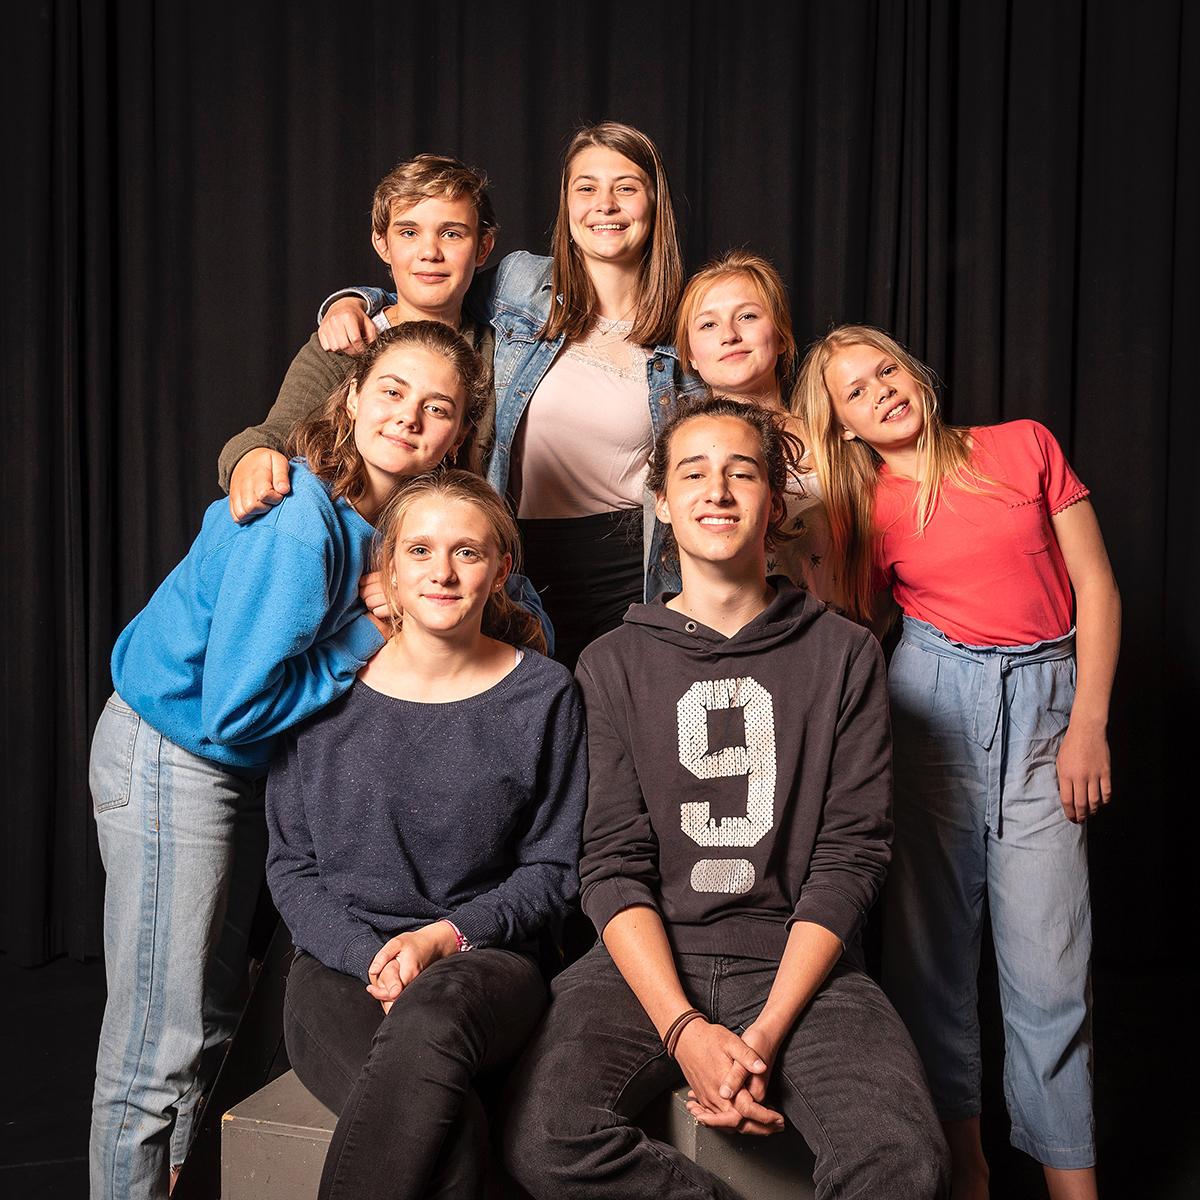 Jugendclub momoll Theater: Jenissei